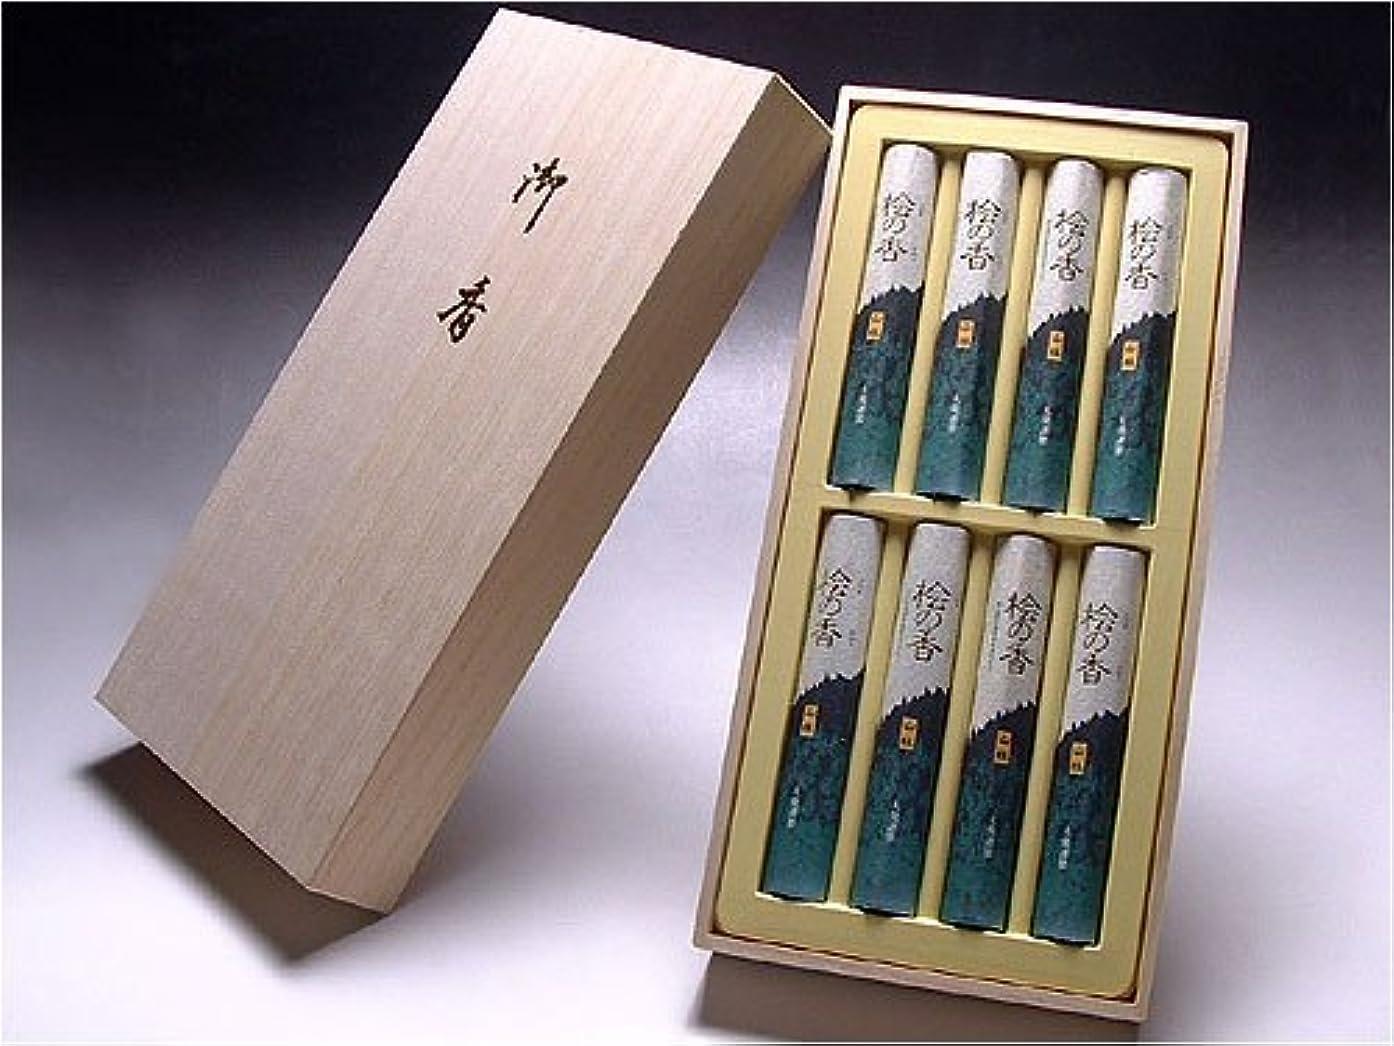 ピカソライン市の花大発のお線香ギフト 桧の香り 短寸 8把入